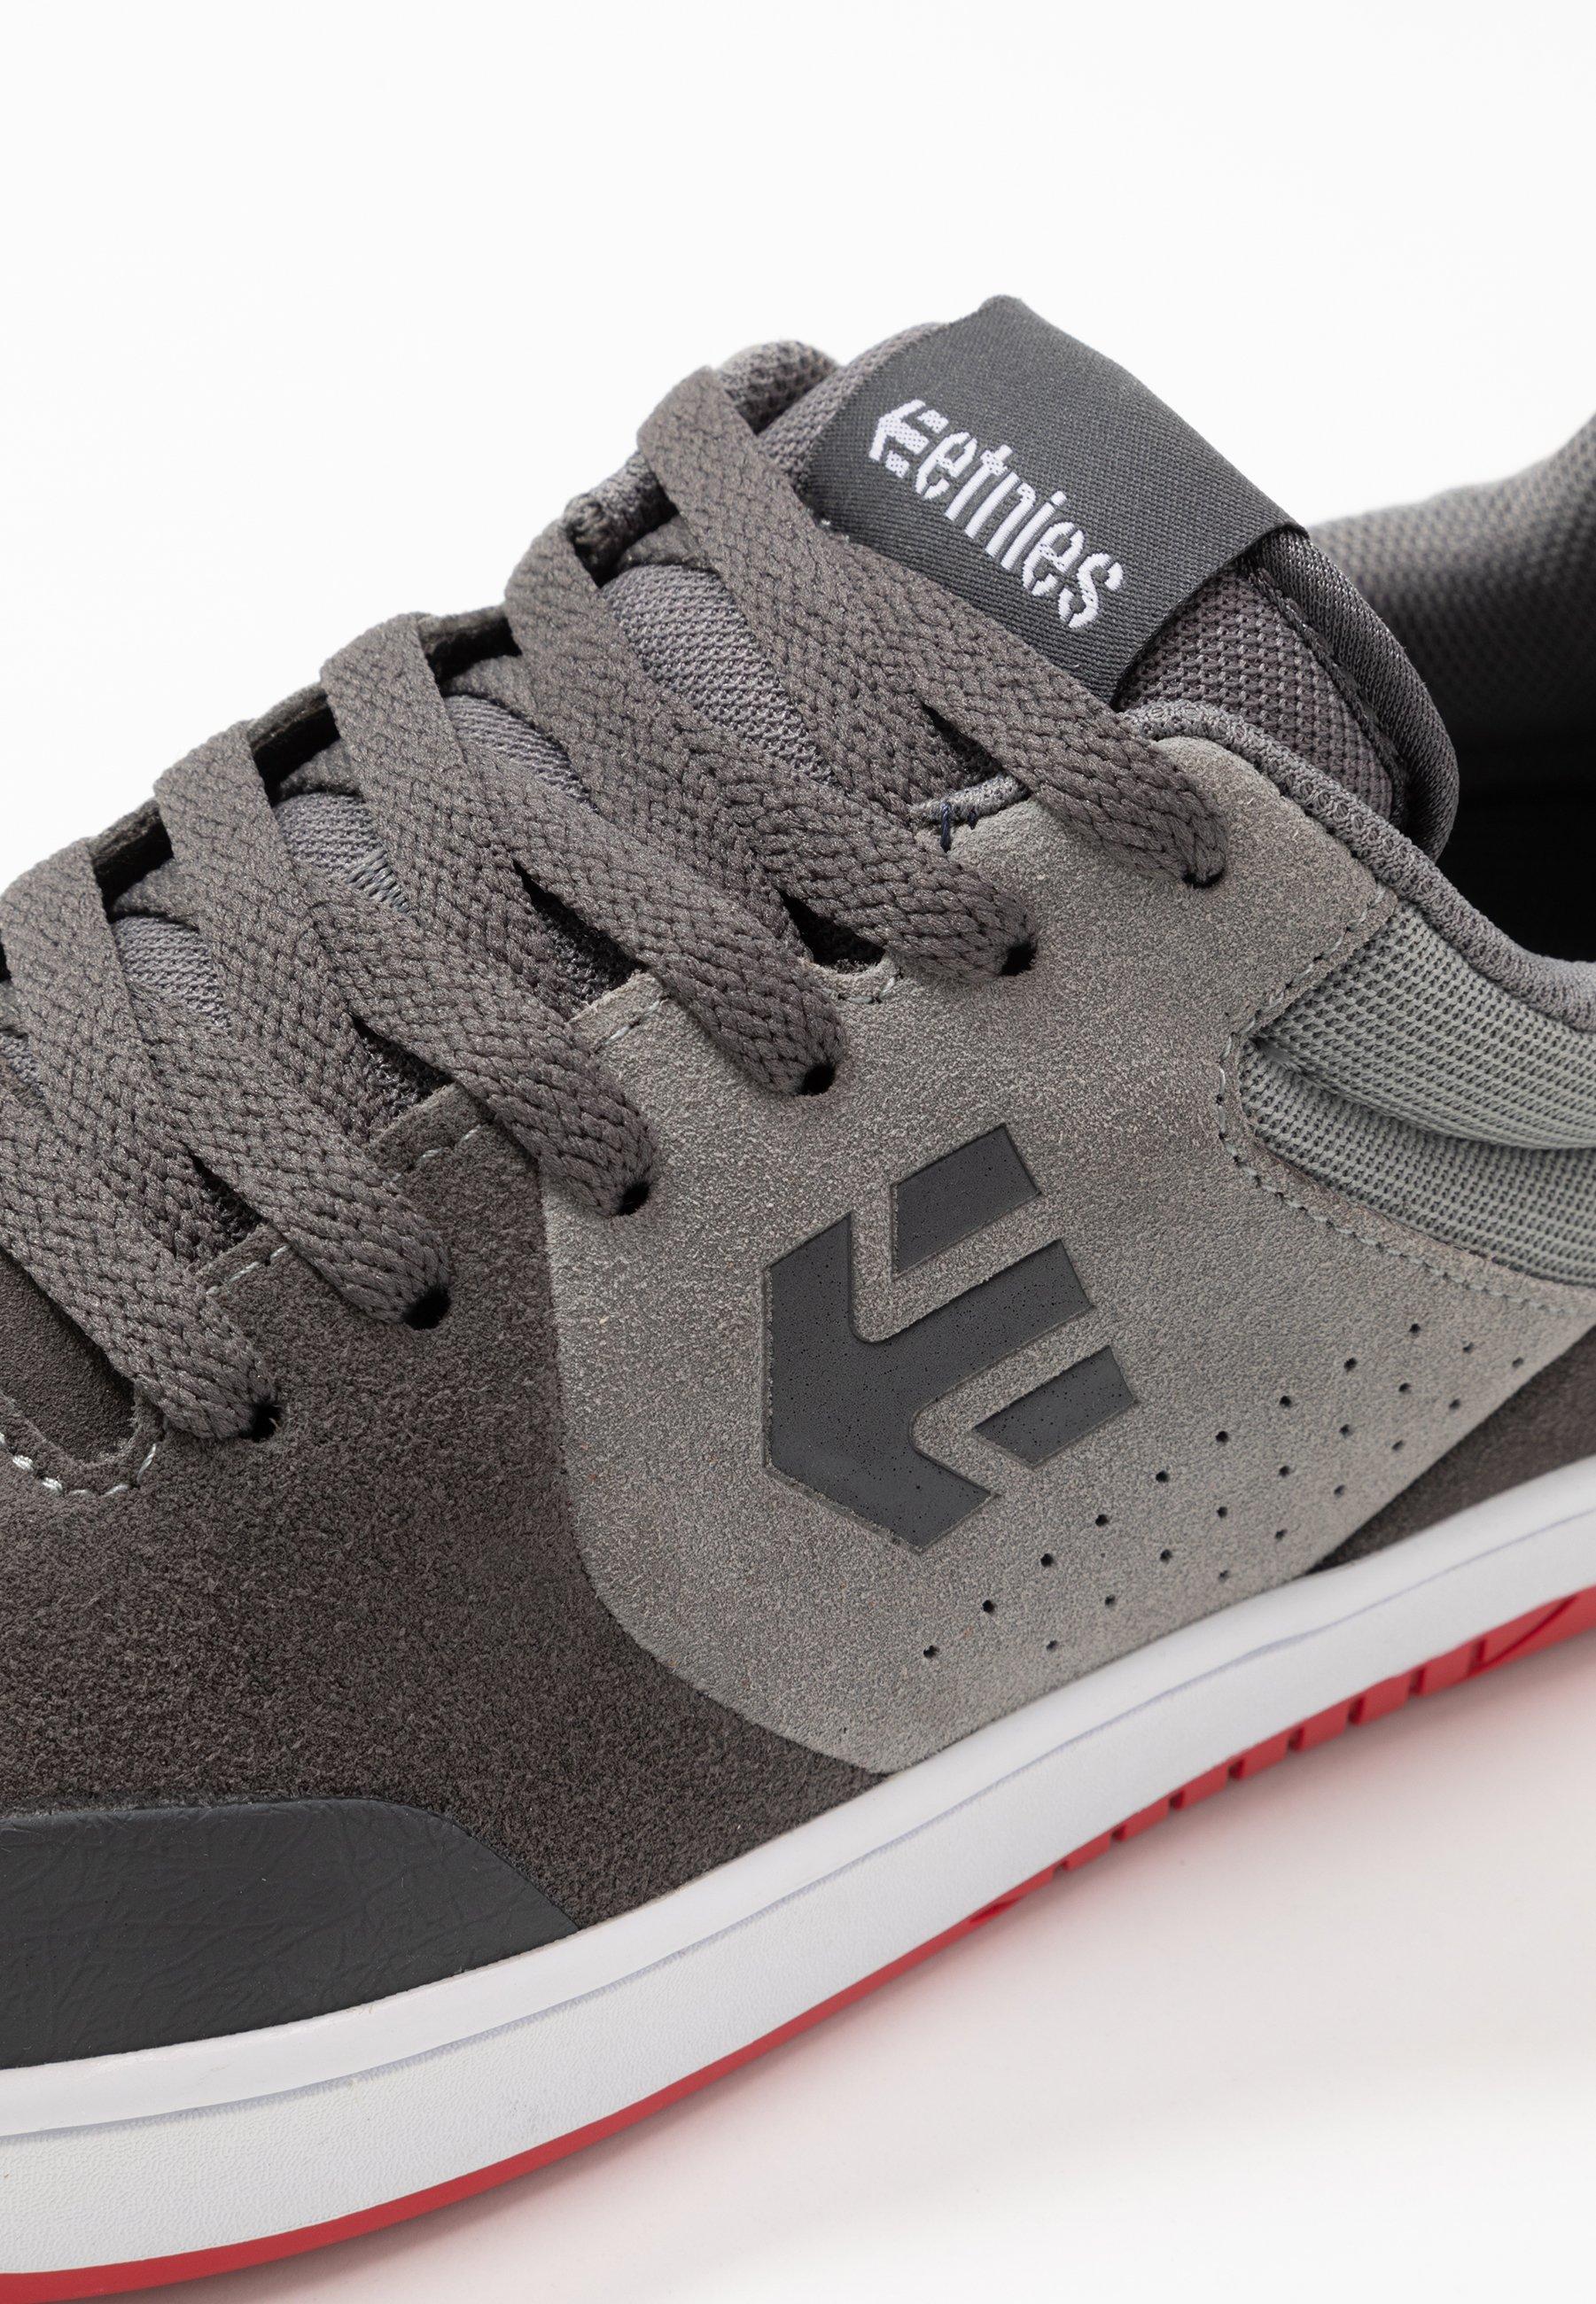 Etnies Marana Skate sko | SkatePro